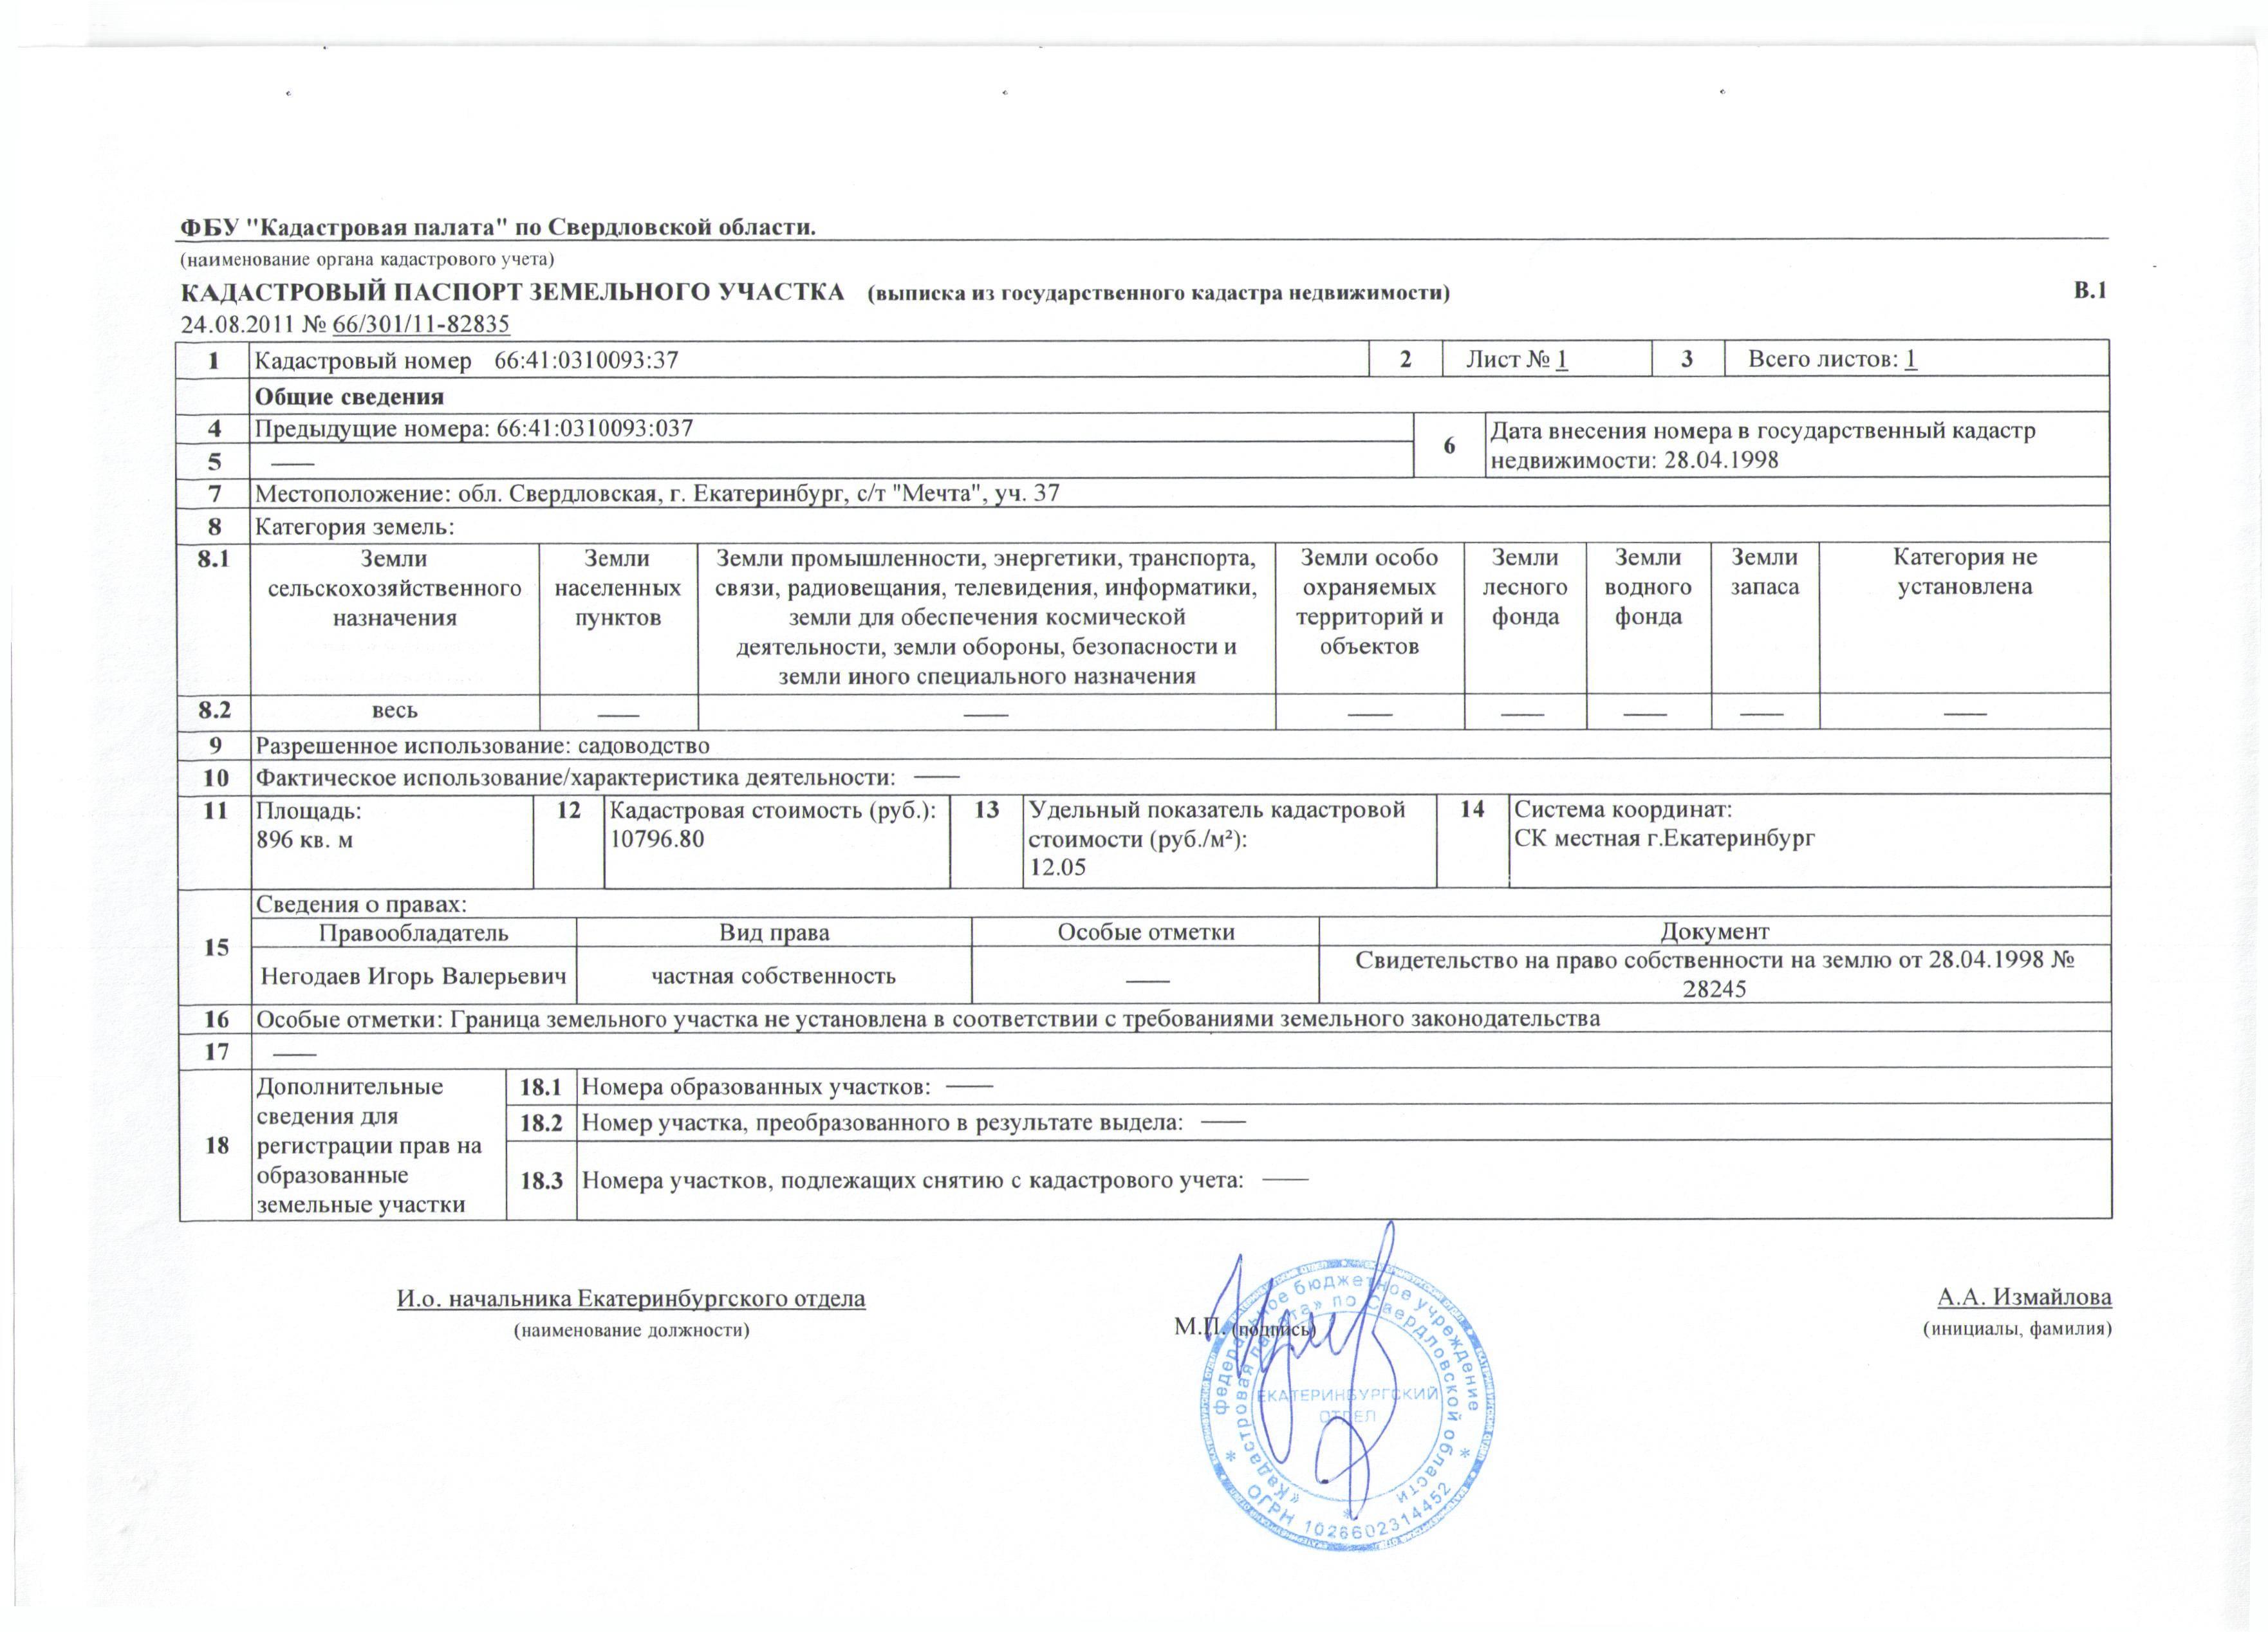 Как выглядит кадастровый паспорт на земельный участок: образец, фото и описание разделов документа